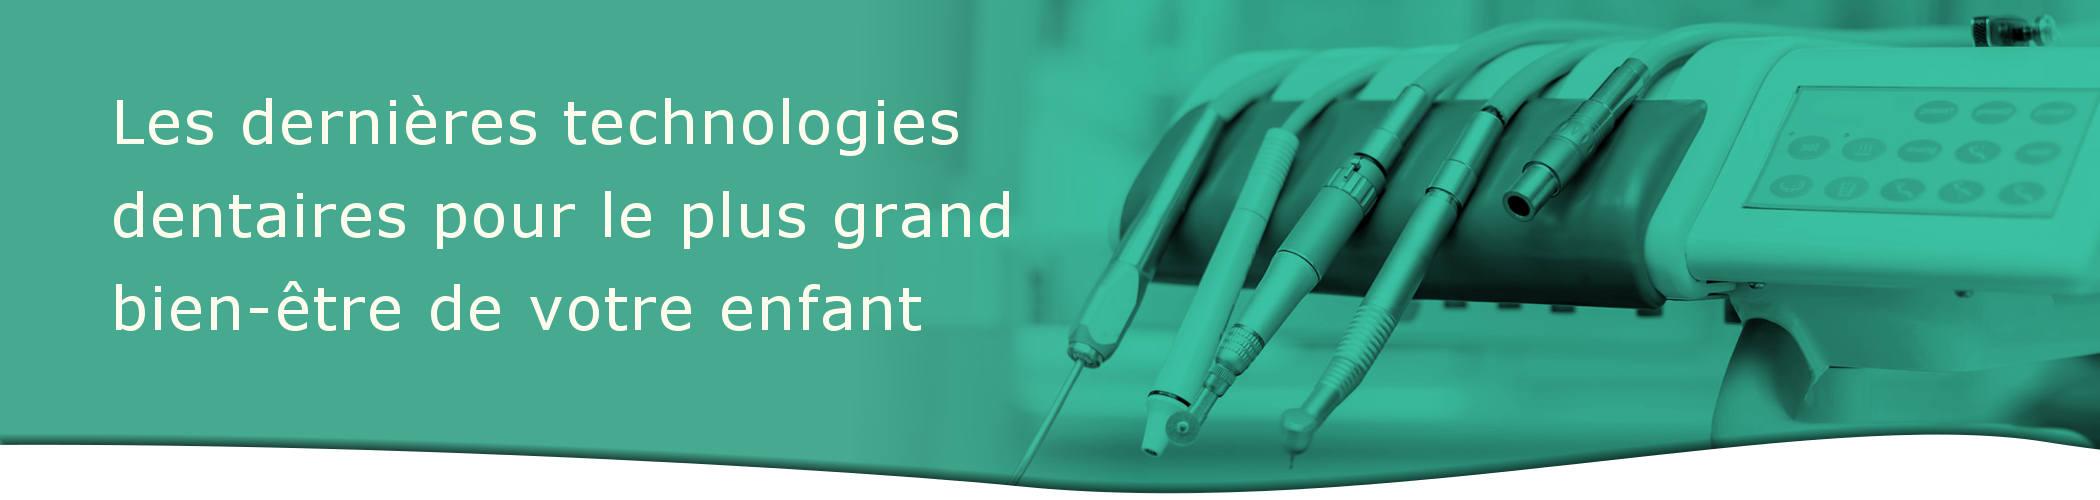 Technologies dentaires chez votre dentiste pédiatrique